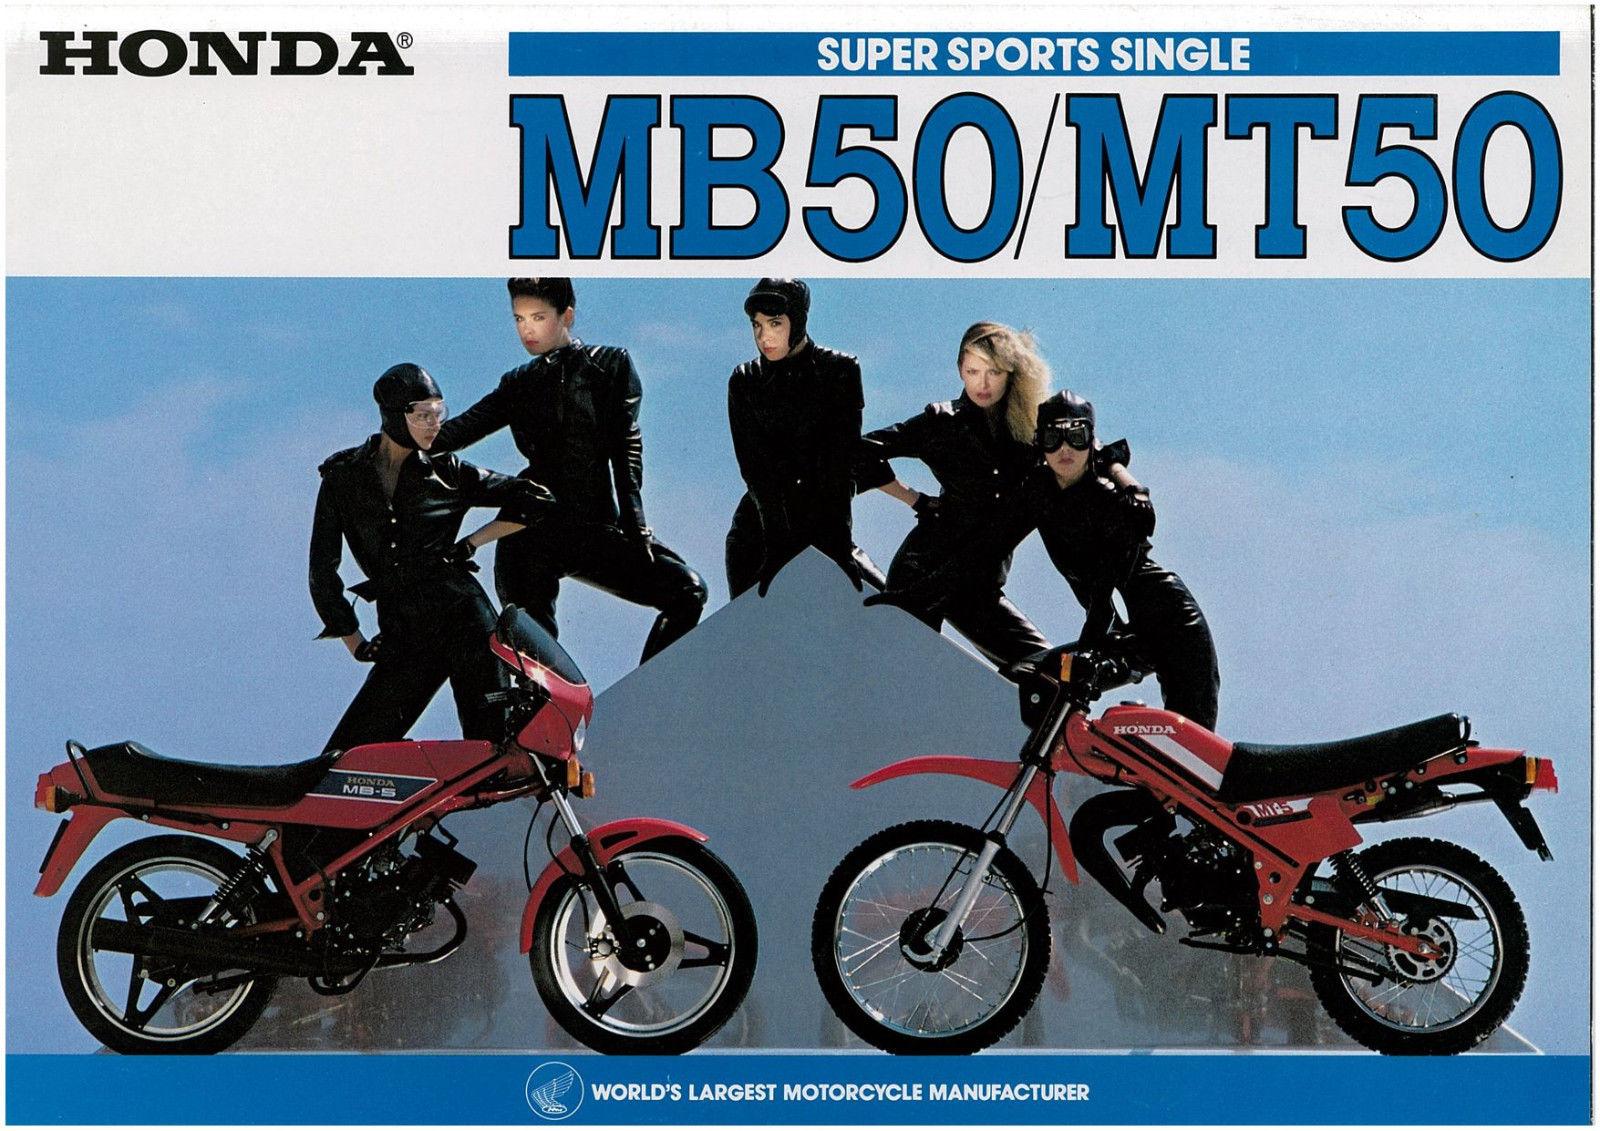 Brauche Infos für einen Artikel über die Honda MB5